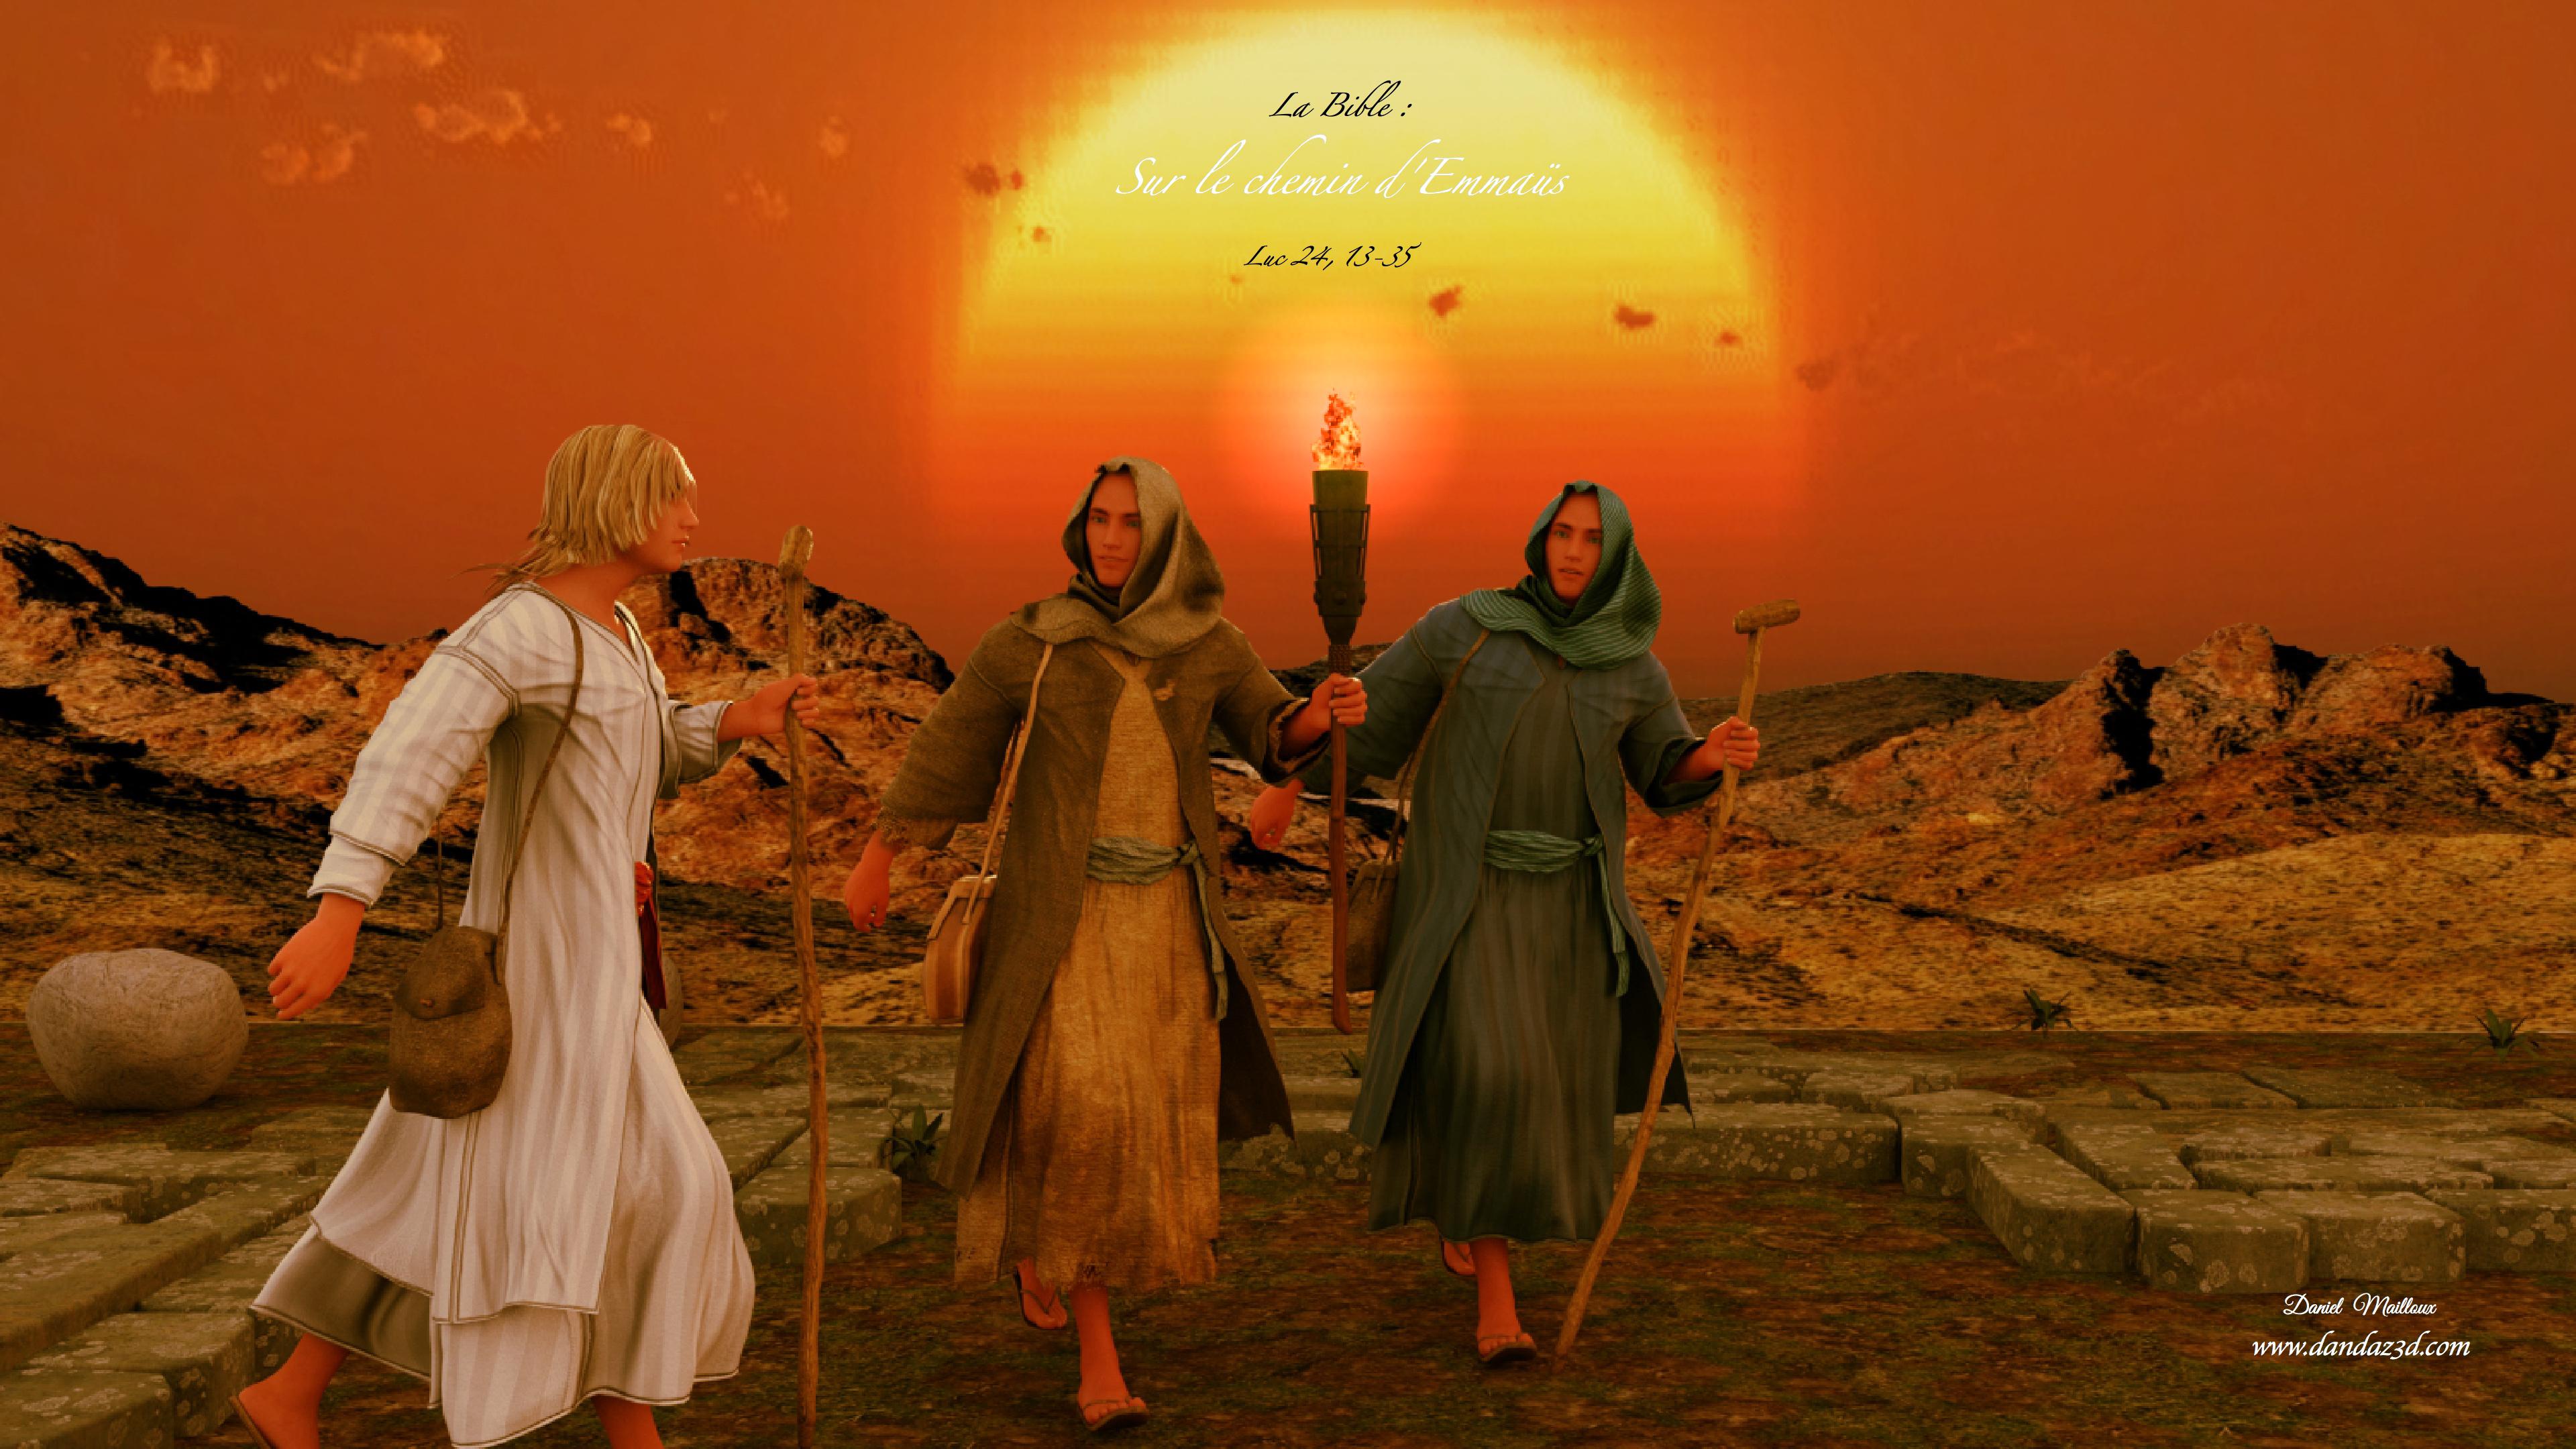 Sur le chemin d'Emmaüs